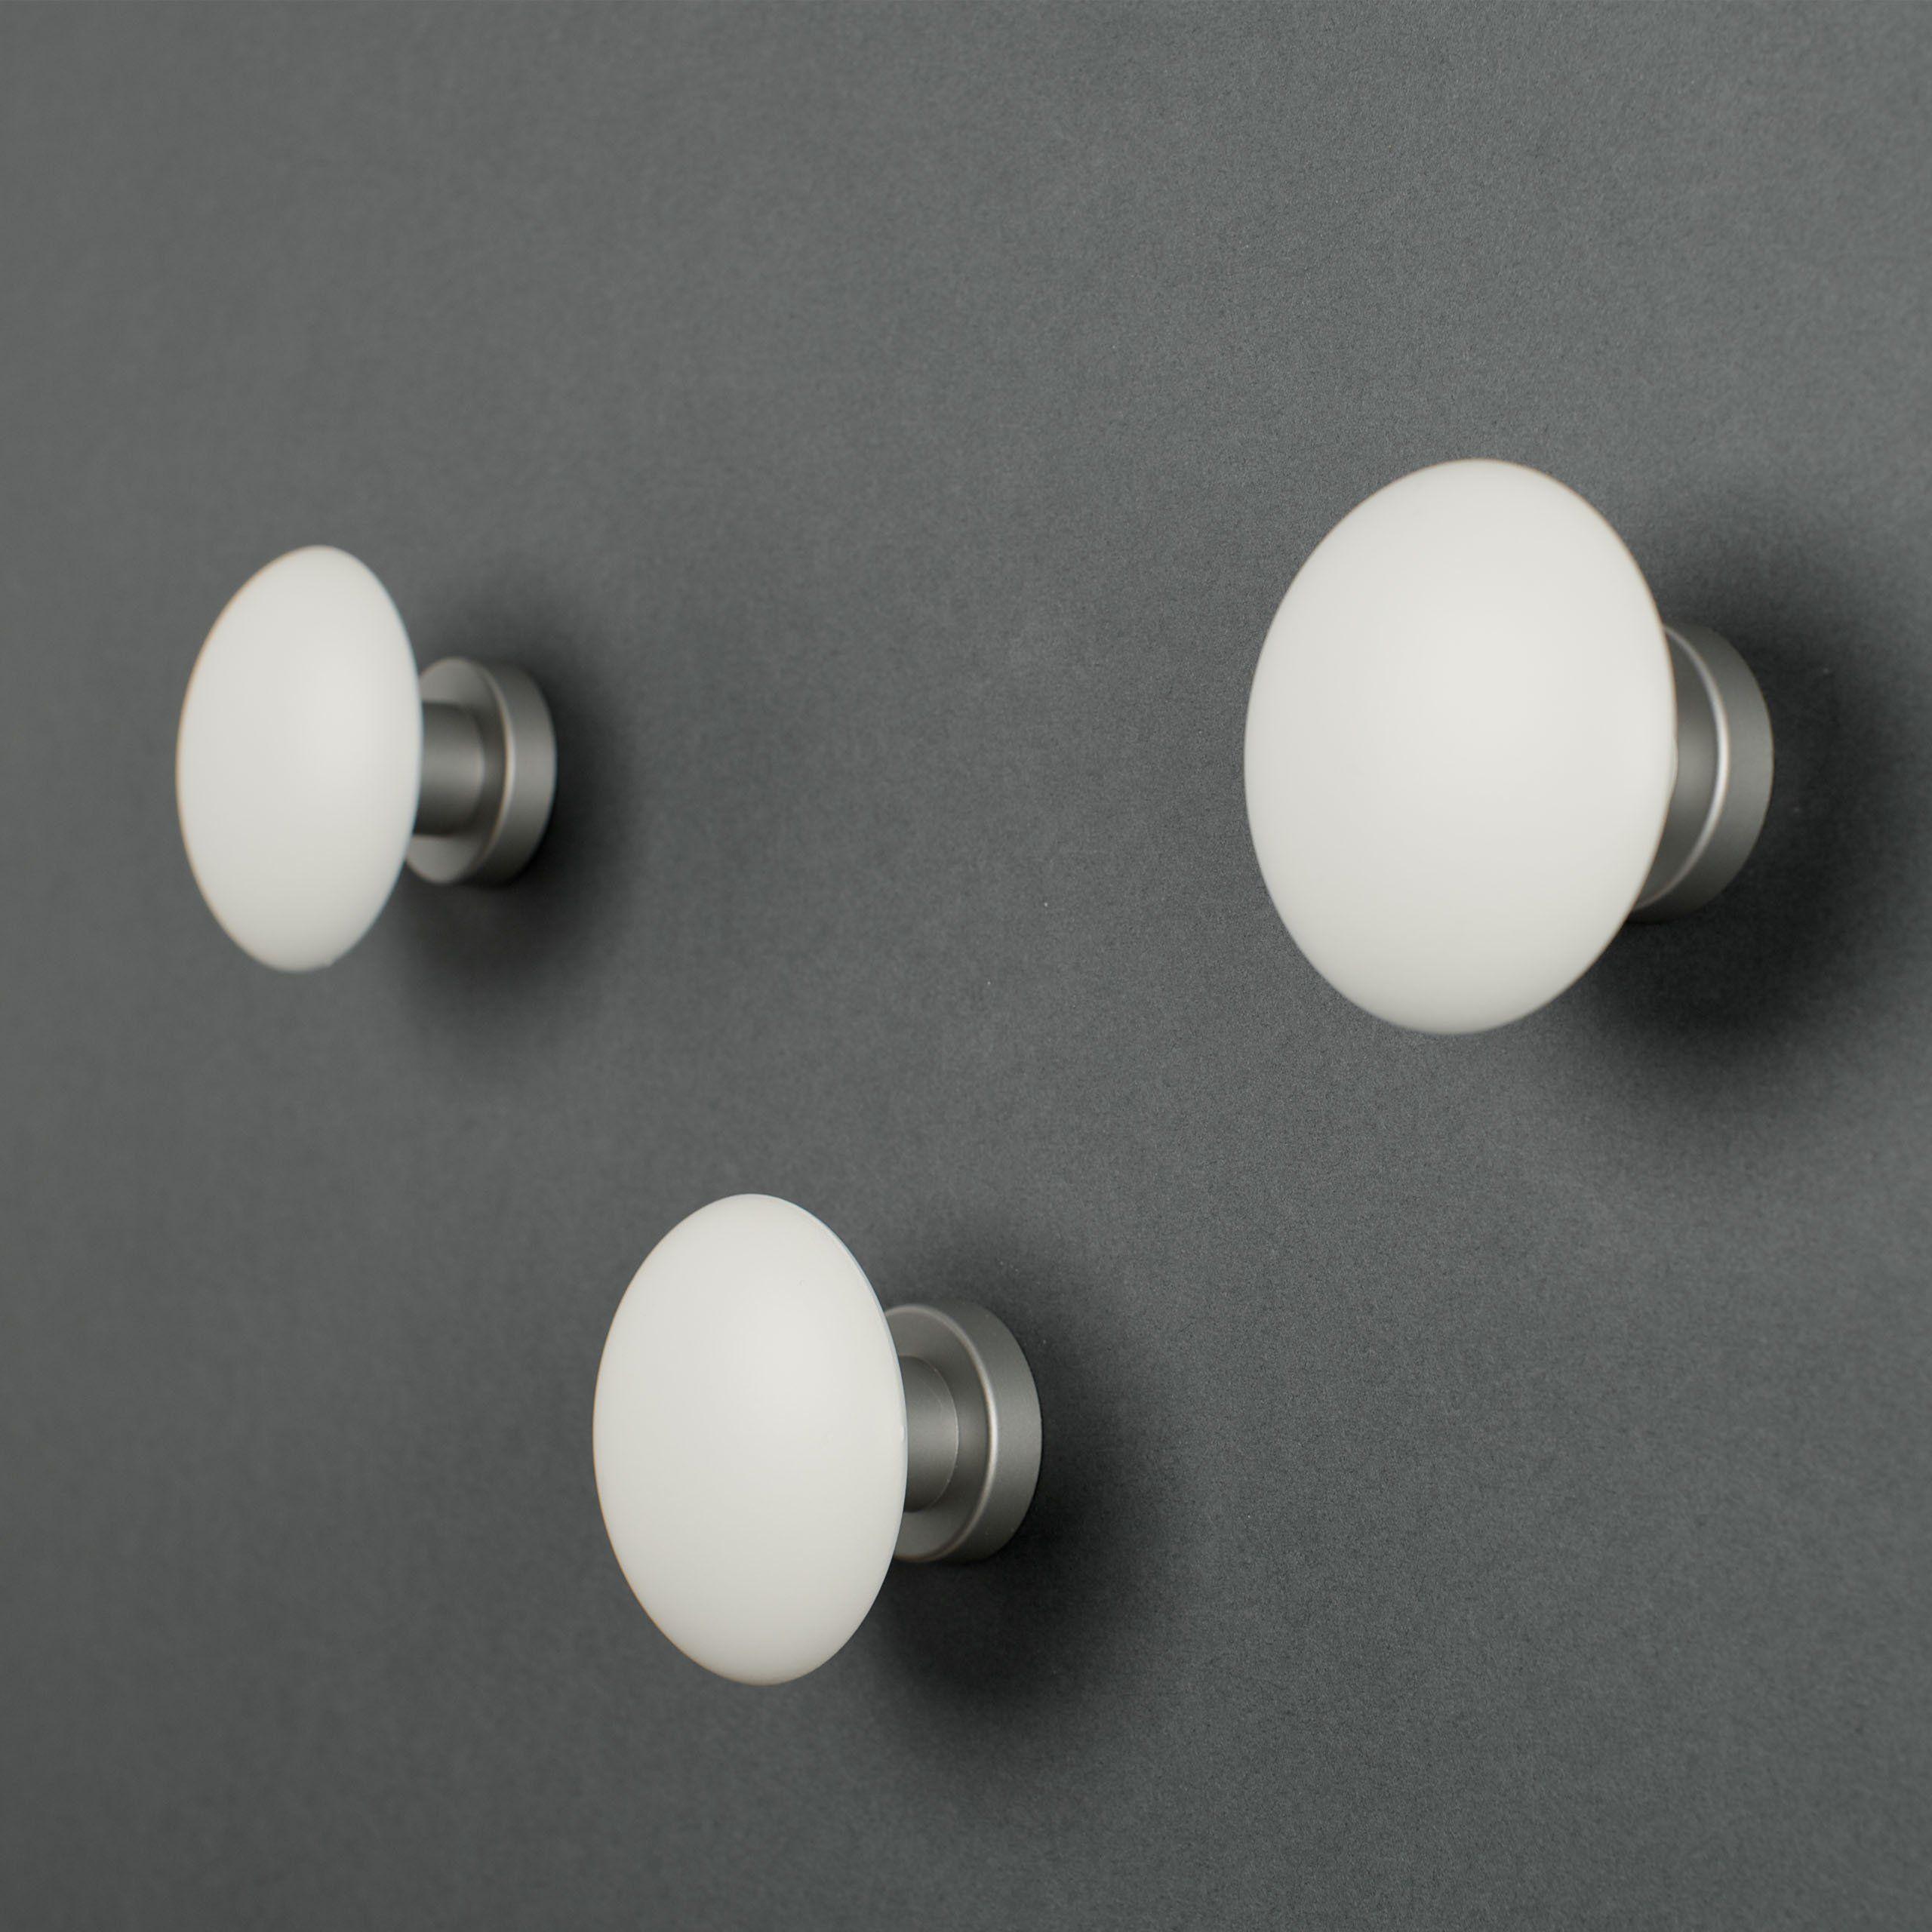 Attaccapanni Da Parete Bianco.3 Appendiabiti Element By Kreall Colore Bianco Confezione Da N 3